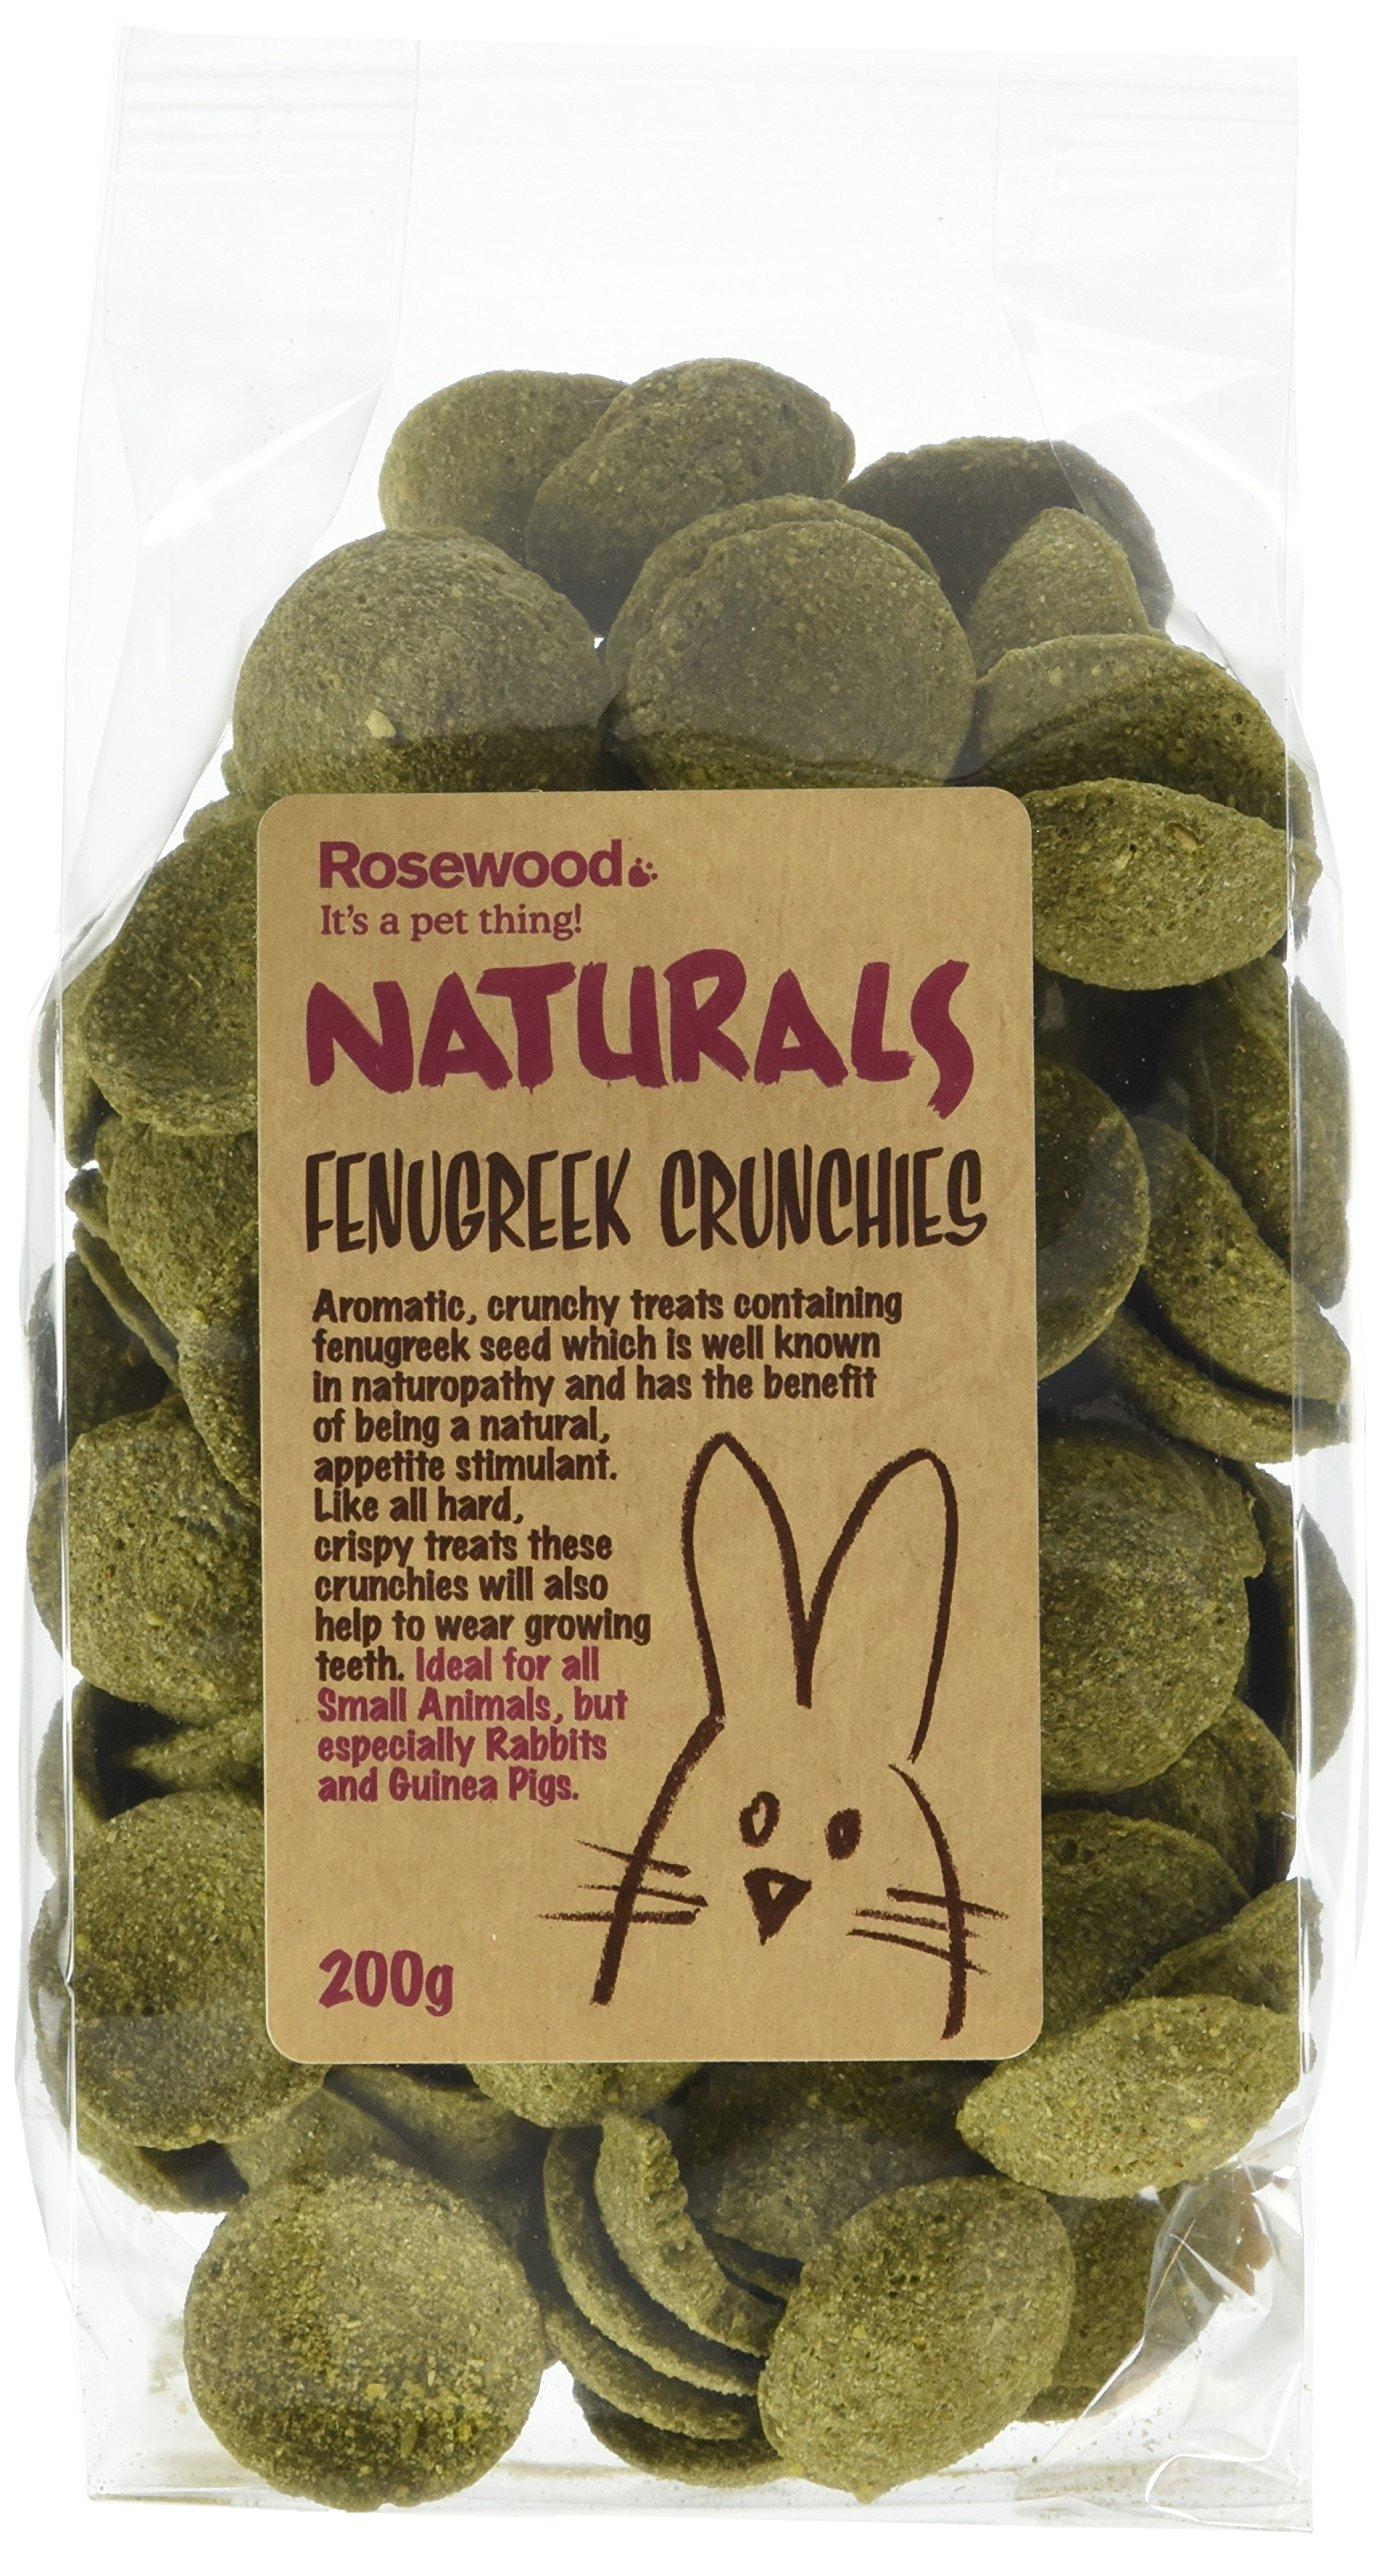 Rosewood Fenugreek Crunchies 200 g